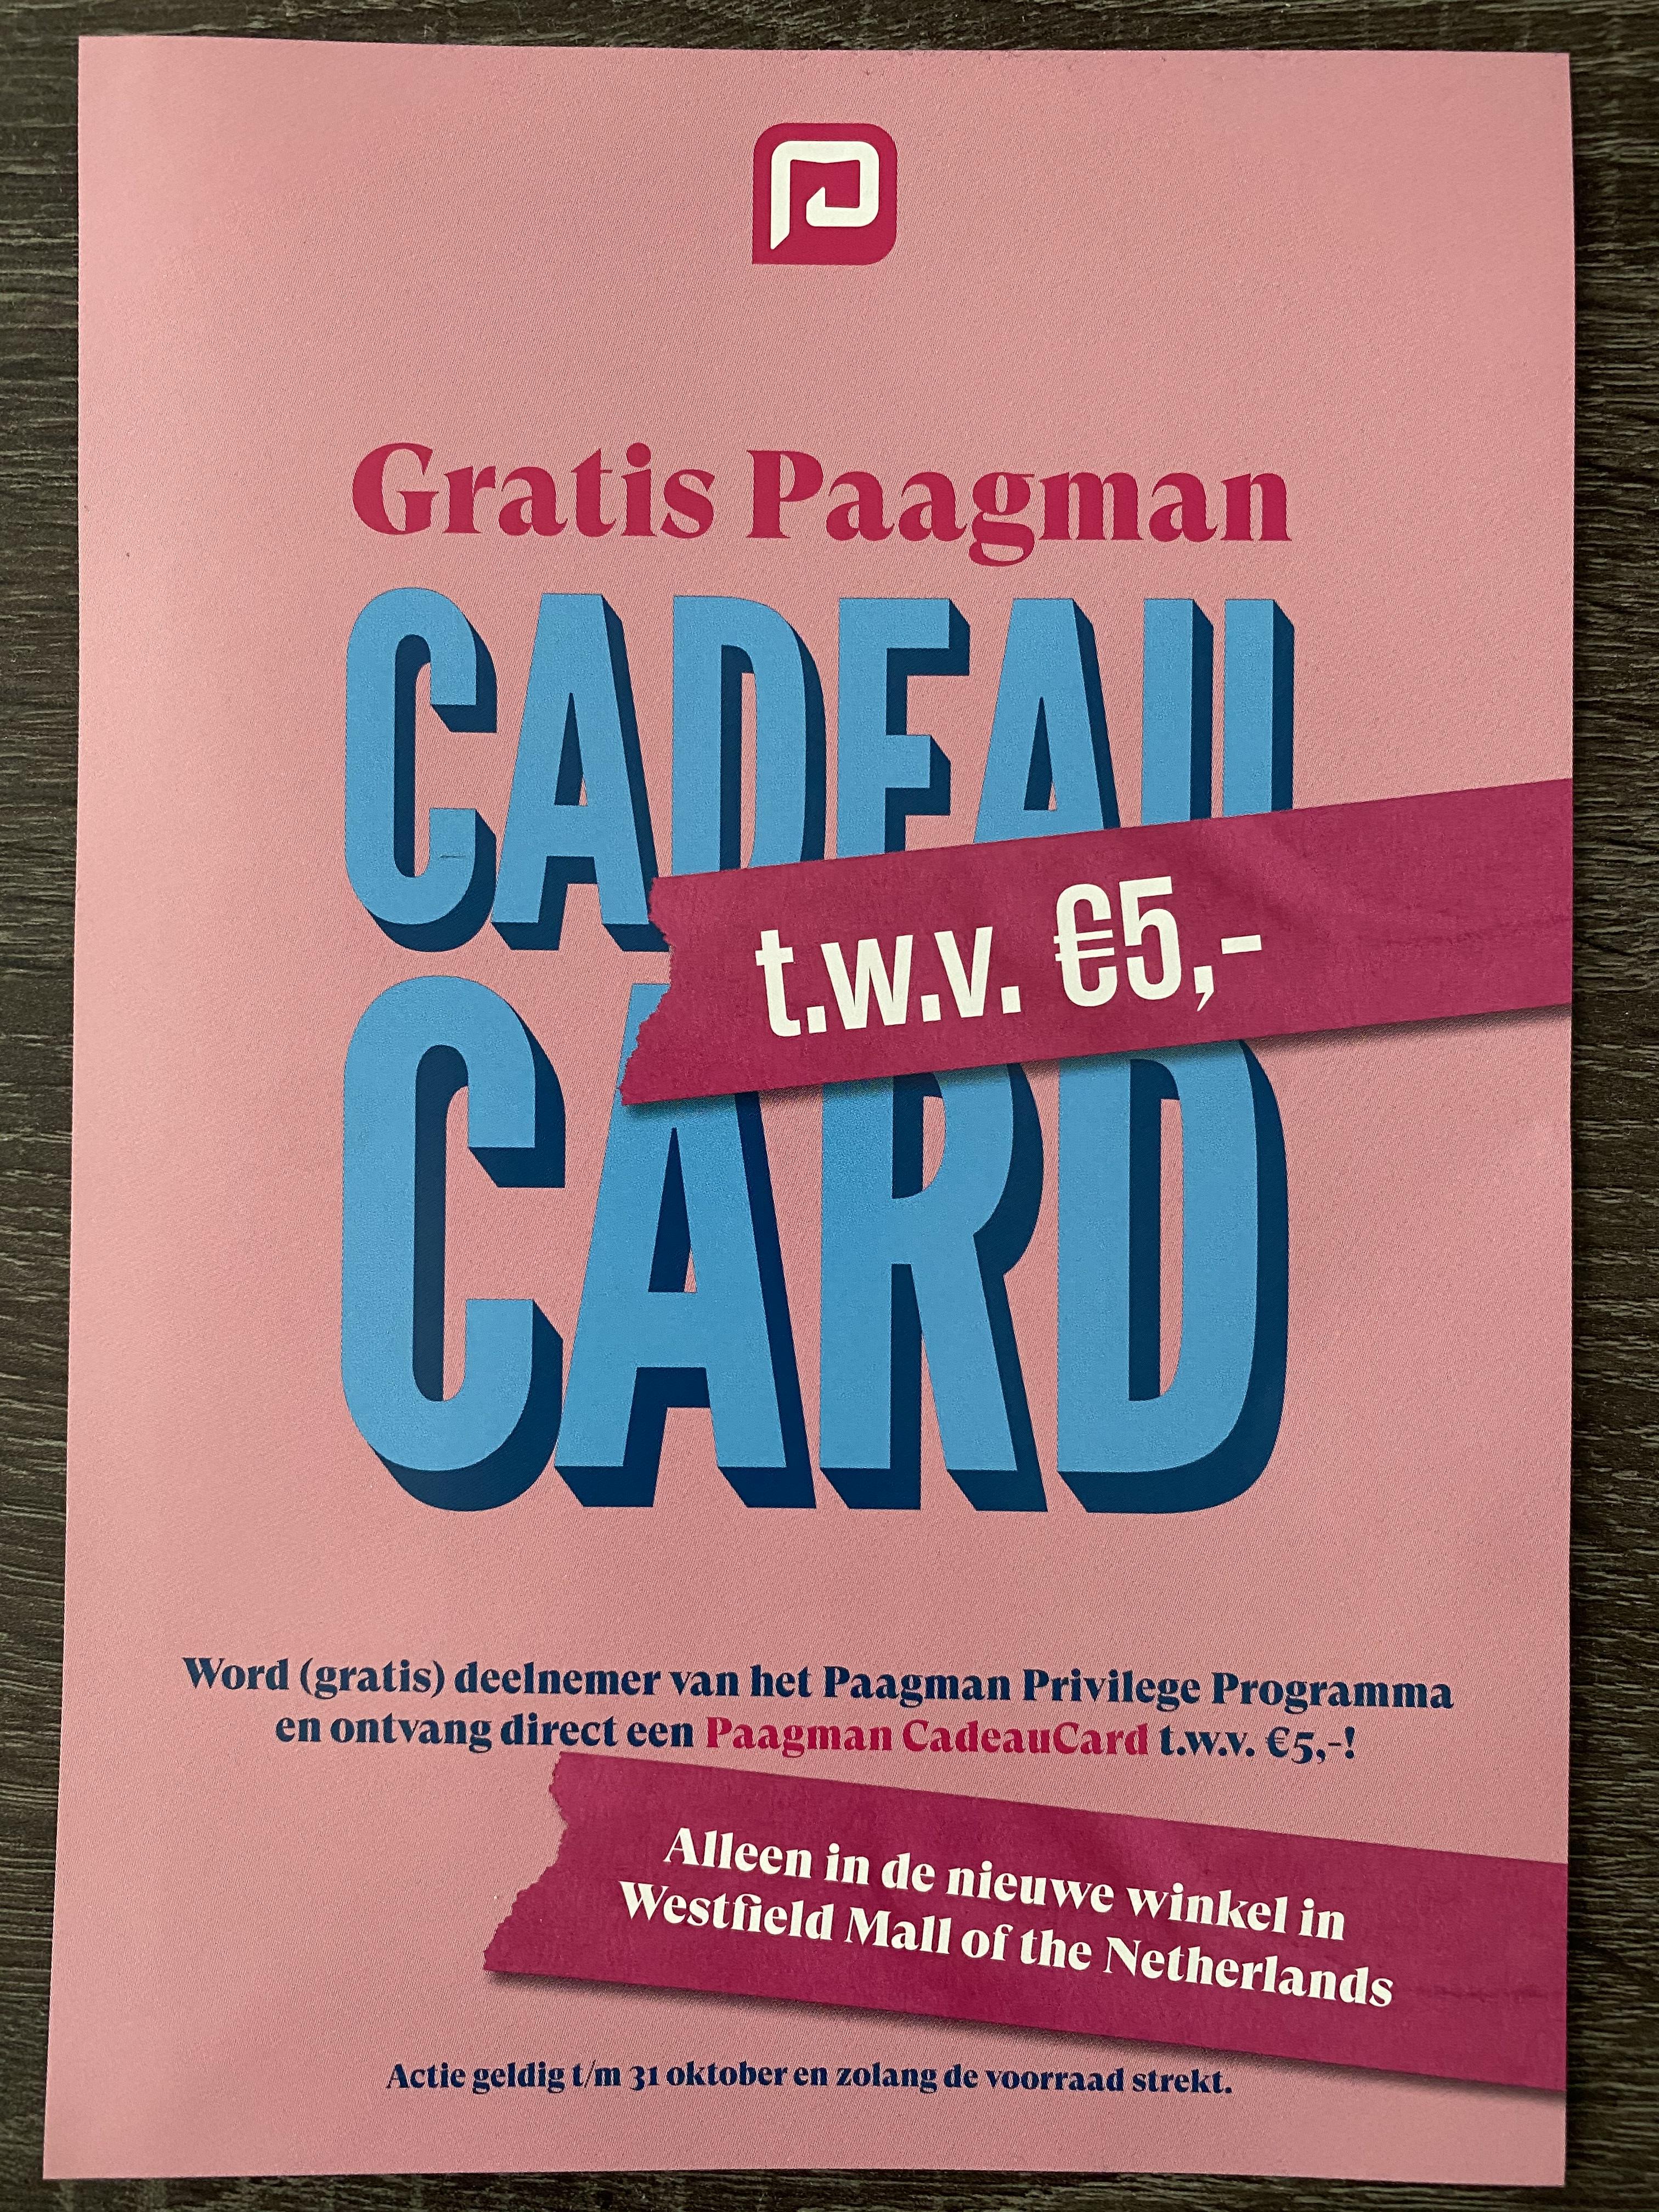 (LOKAAL) Ontvang een cadeaukaart van €5 bij het aanmaken van een klantenkaart in de winkel bij Paagman